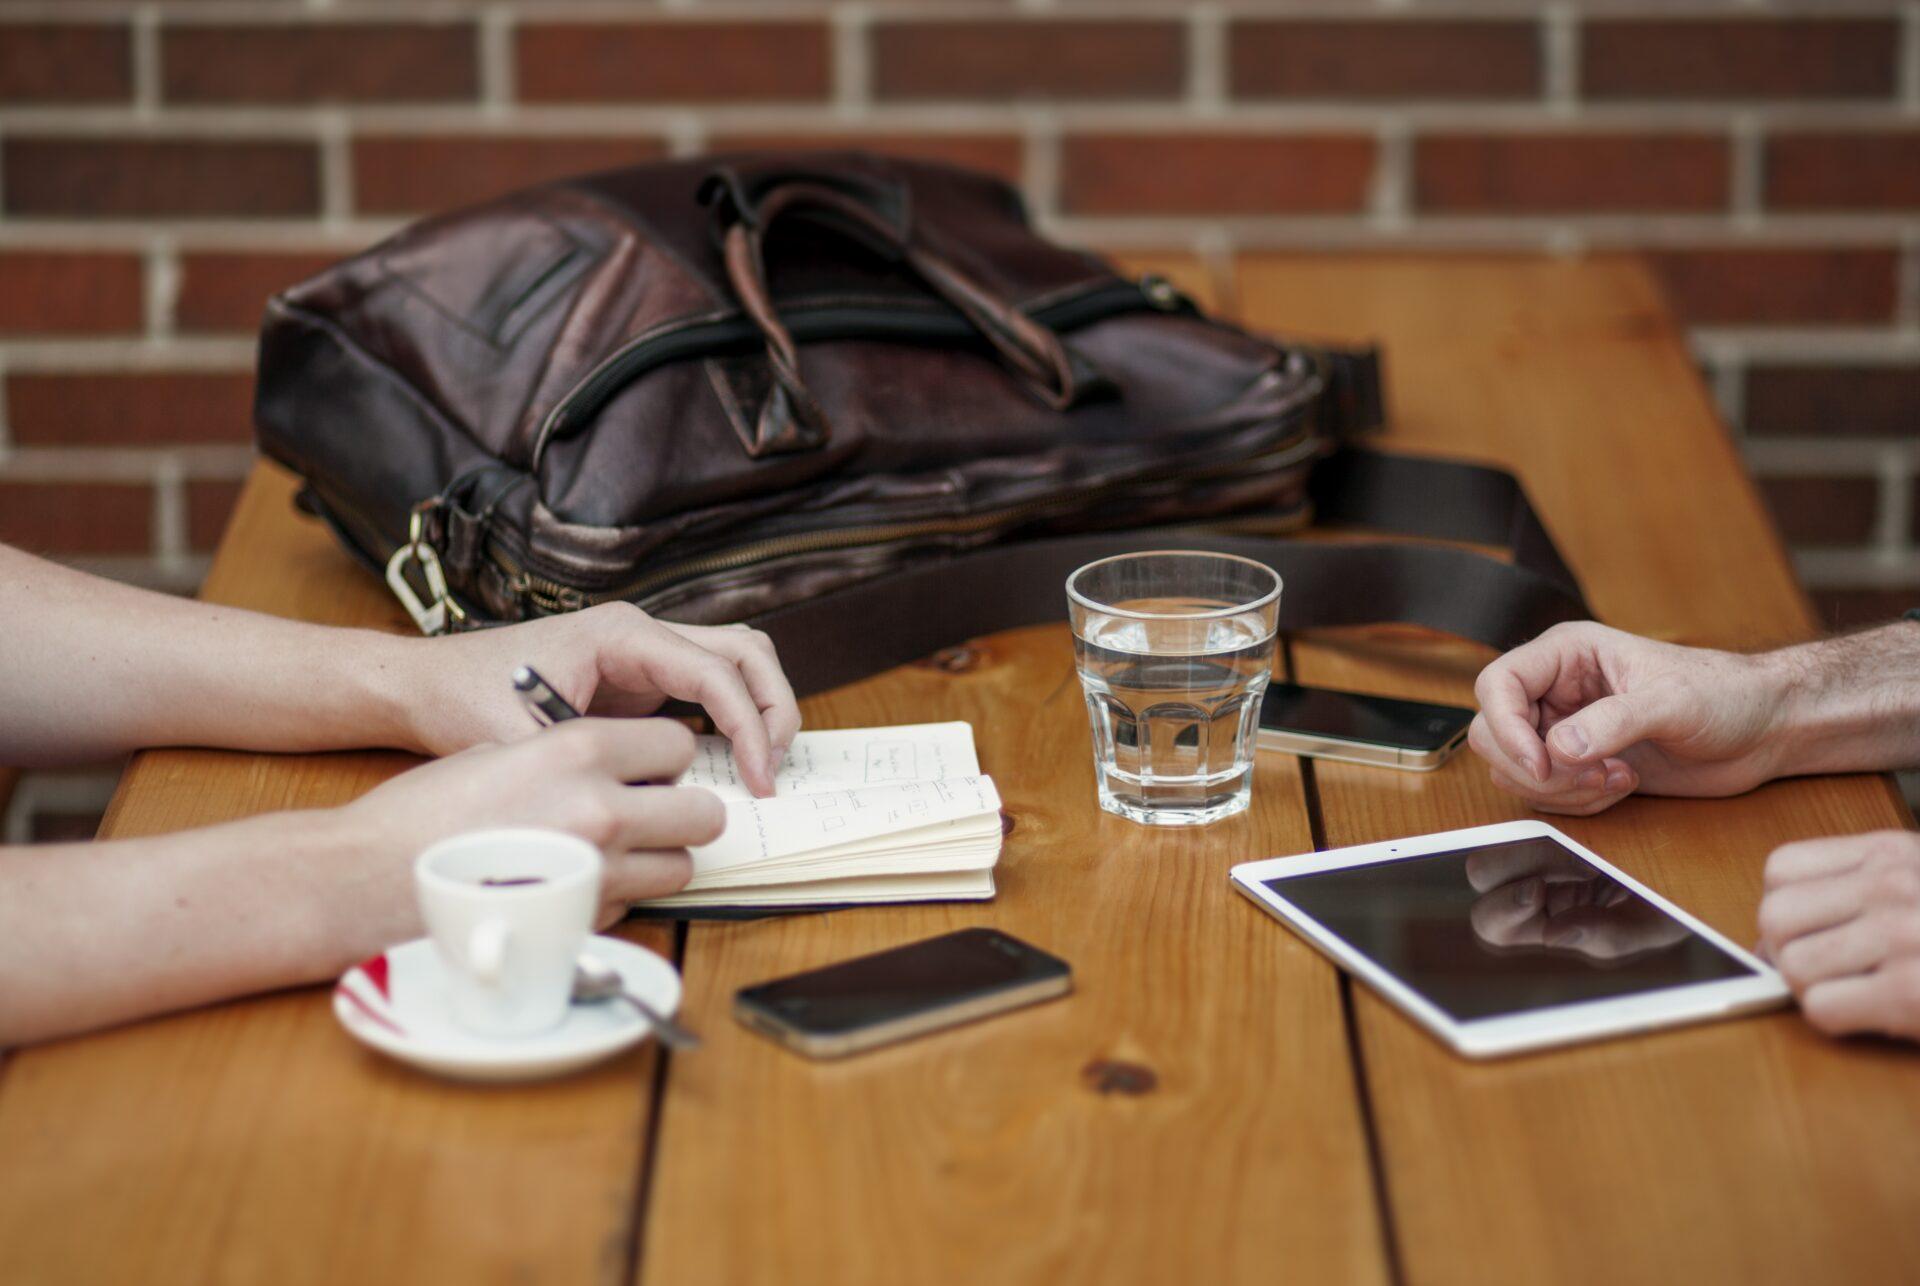 Bliksem Schrijfbureau • Copywriting • Interview • Blog